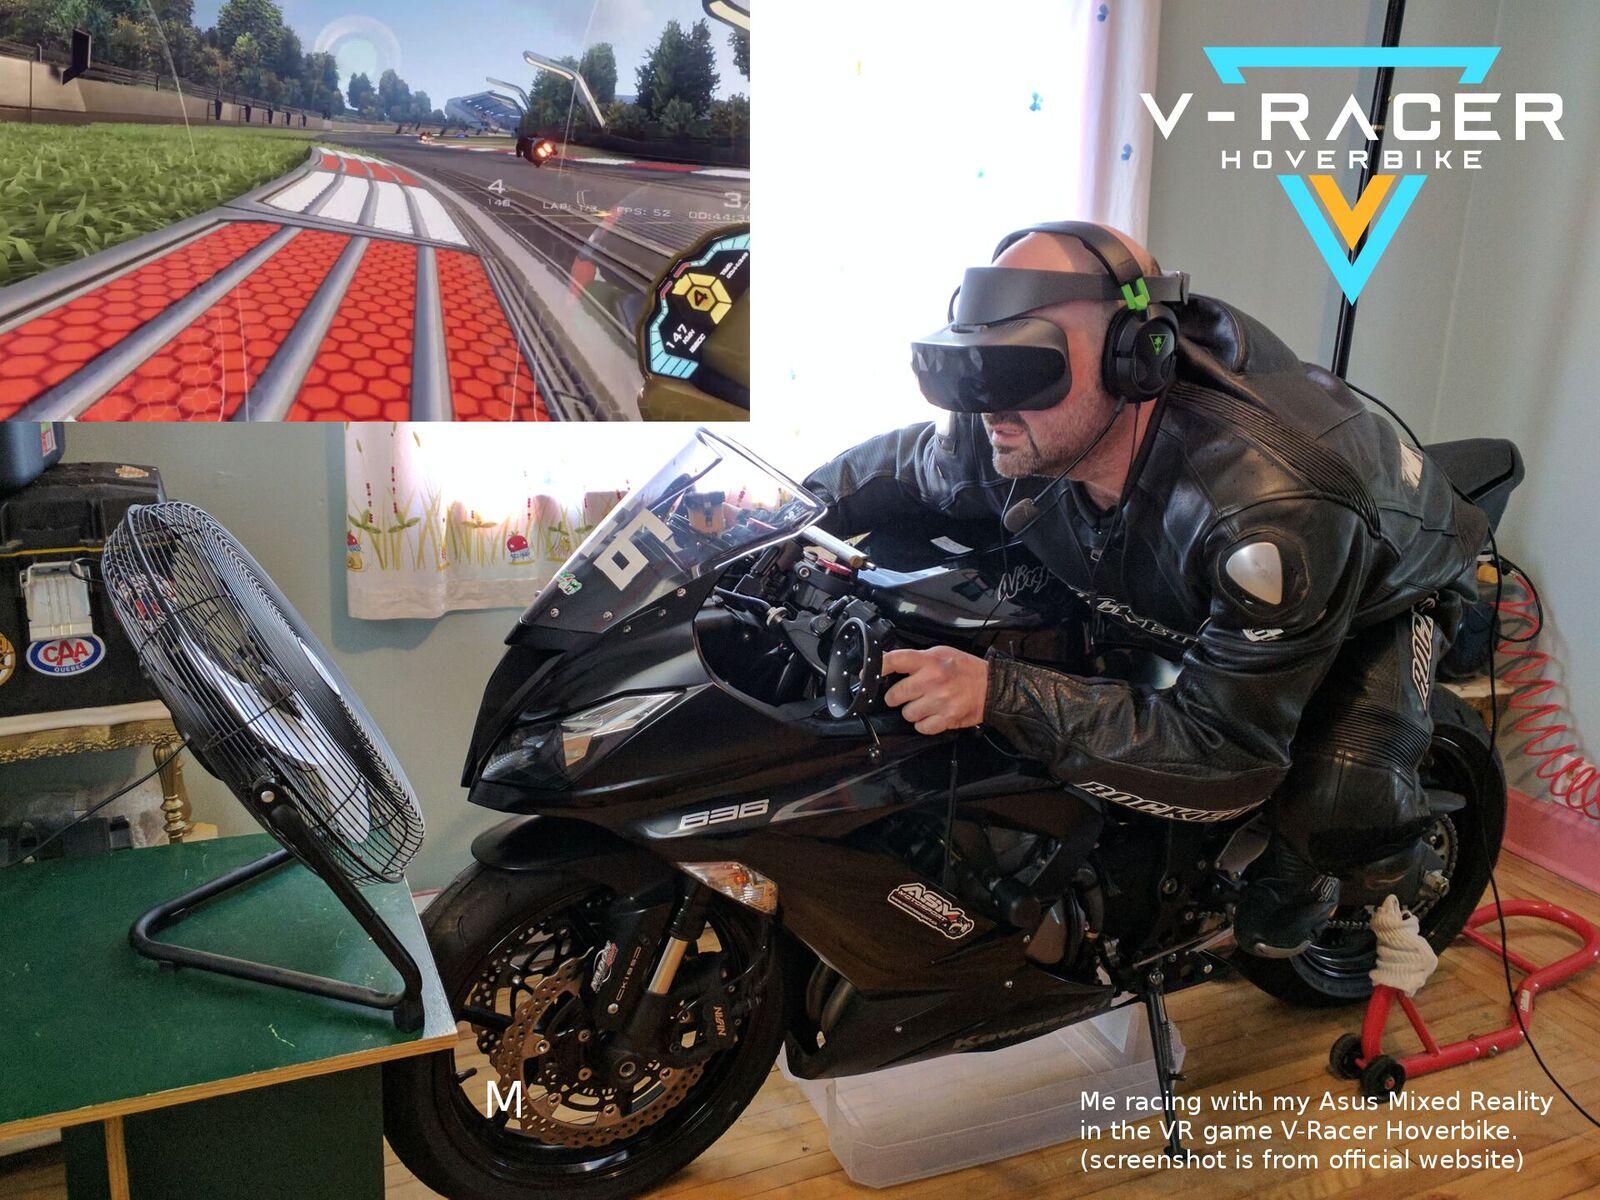 jsp v-racer hoverbike_preview.jpeg